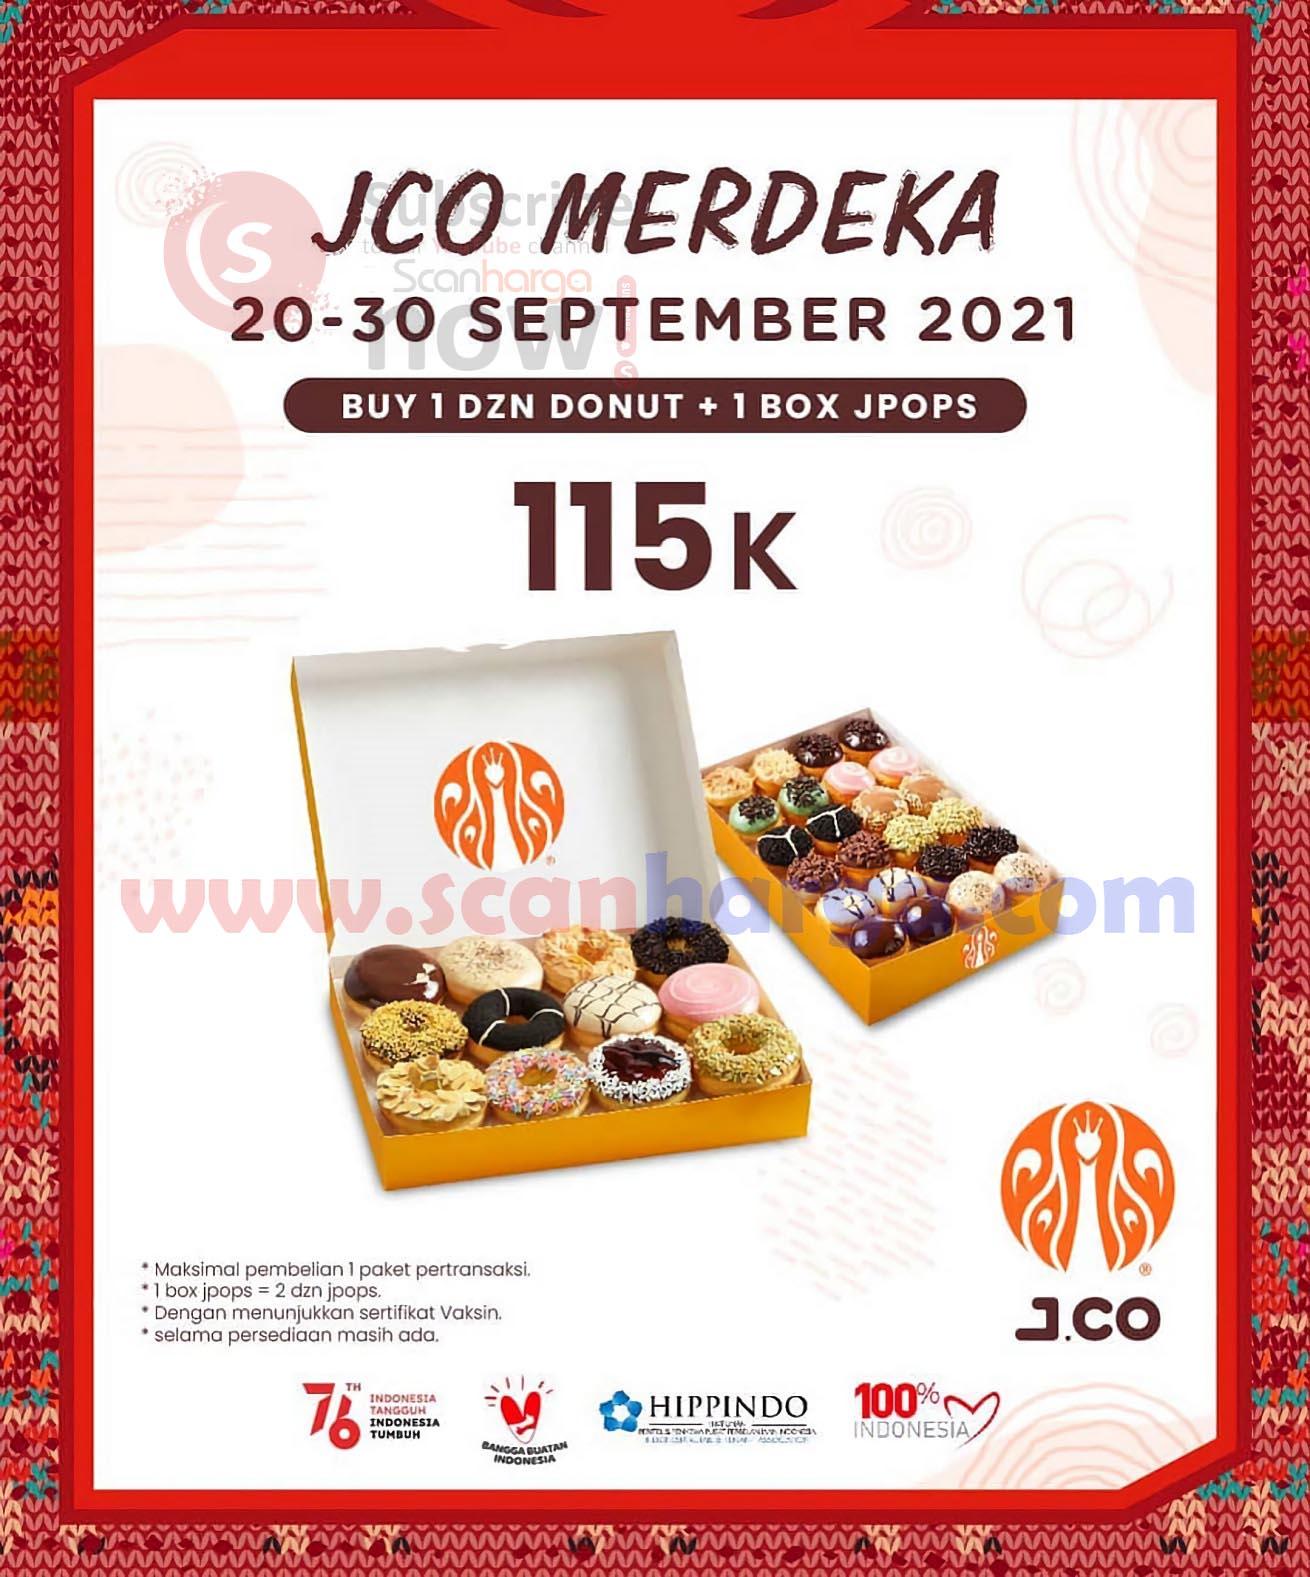 JCO Promo Paket 1 Dozen Donuts + 1 Box JPOPS Hanya Rp. 115.000 aja